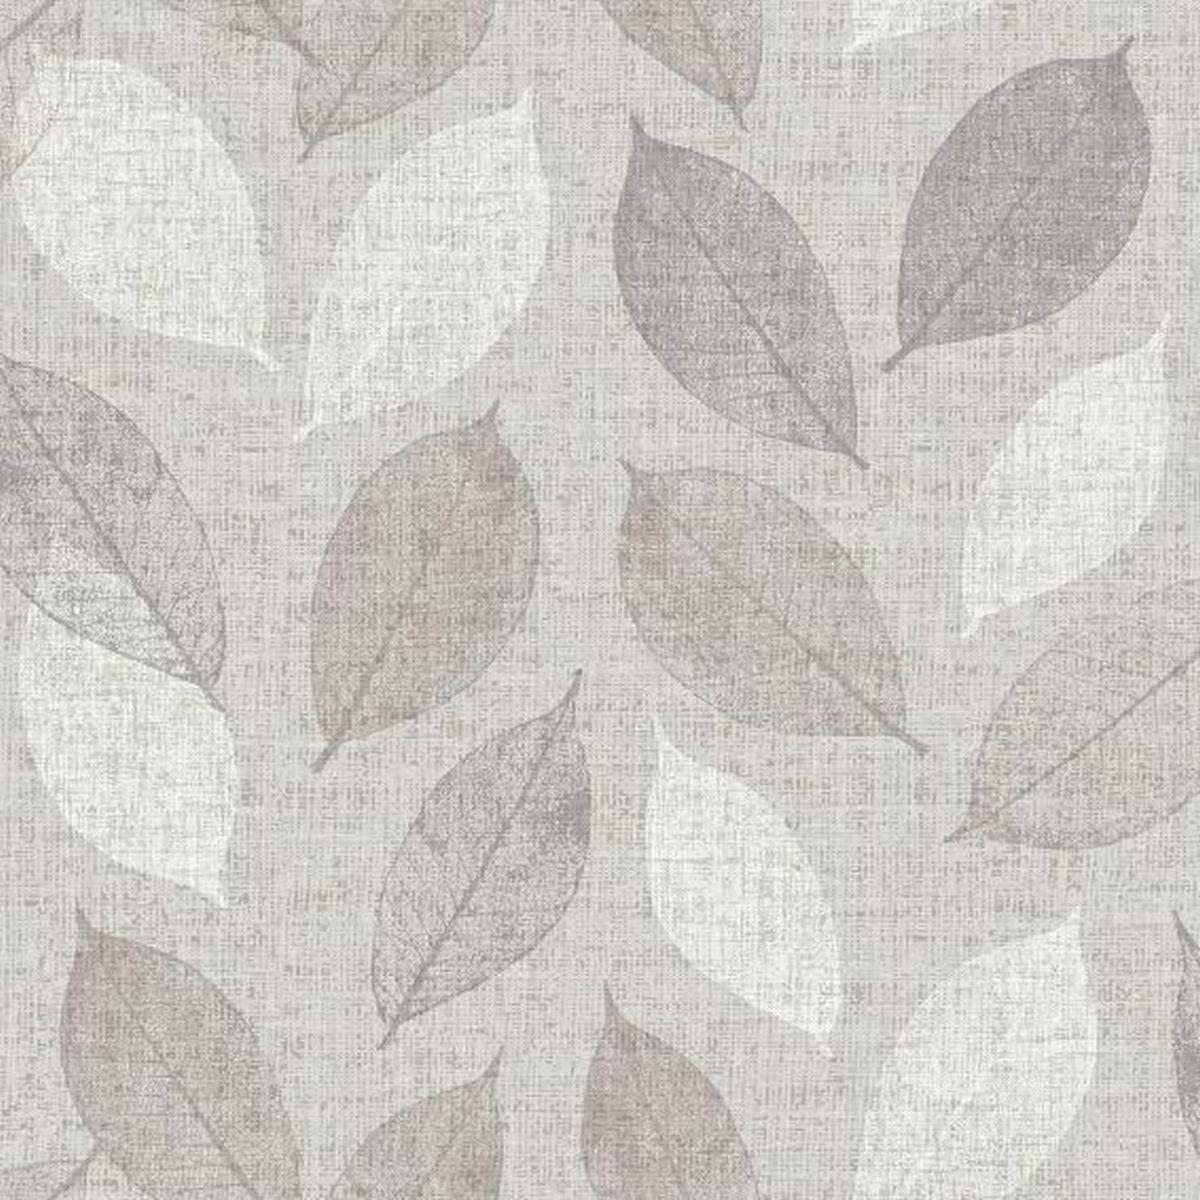 Best of Arthouse Vliestapete Prächtiges Design 906702 Grau Blumentapete